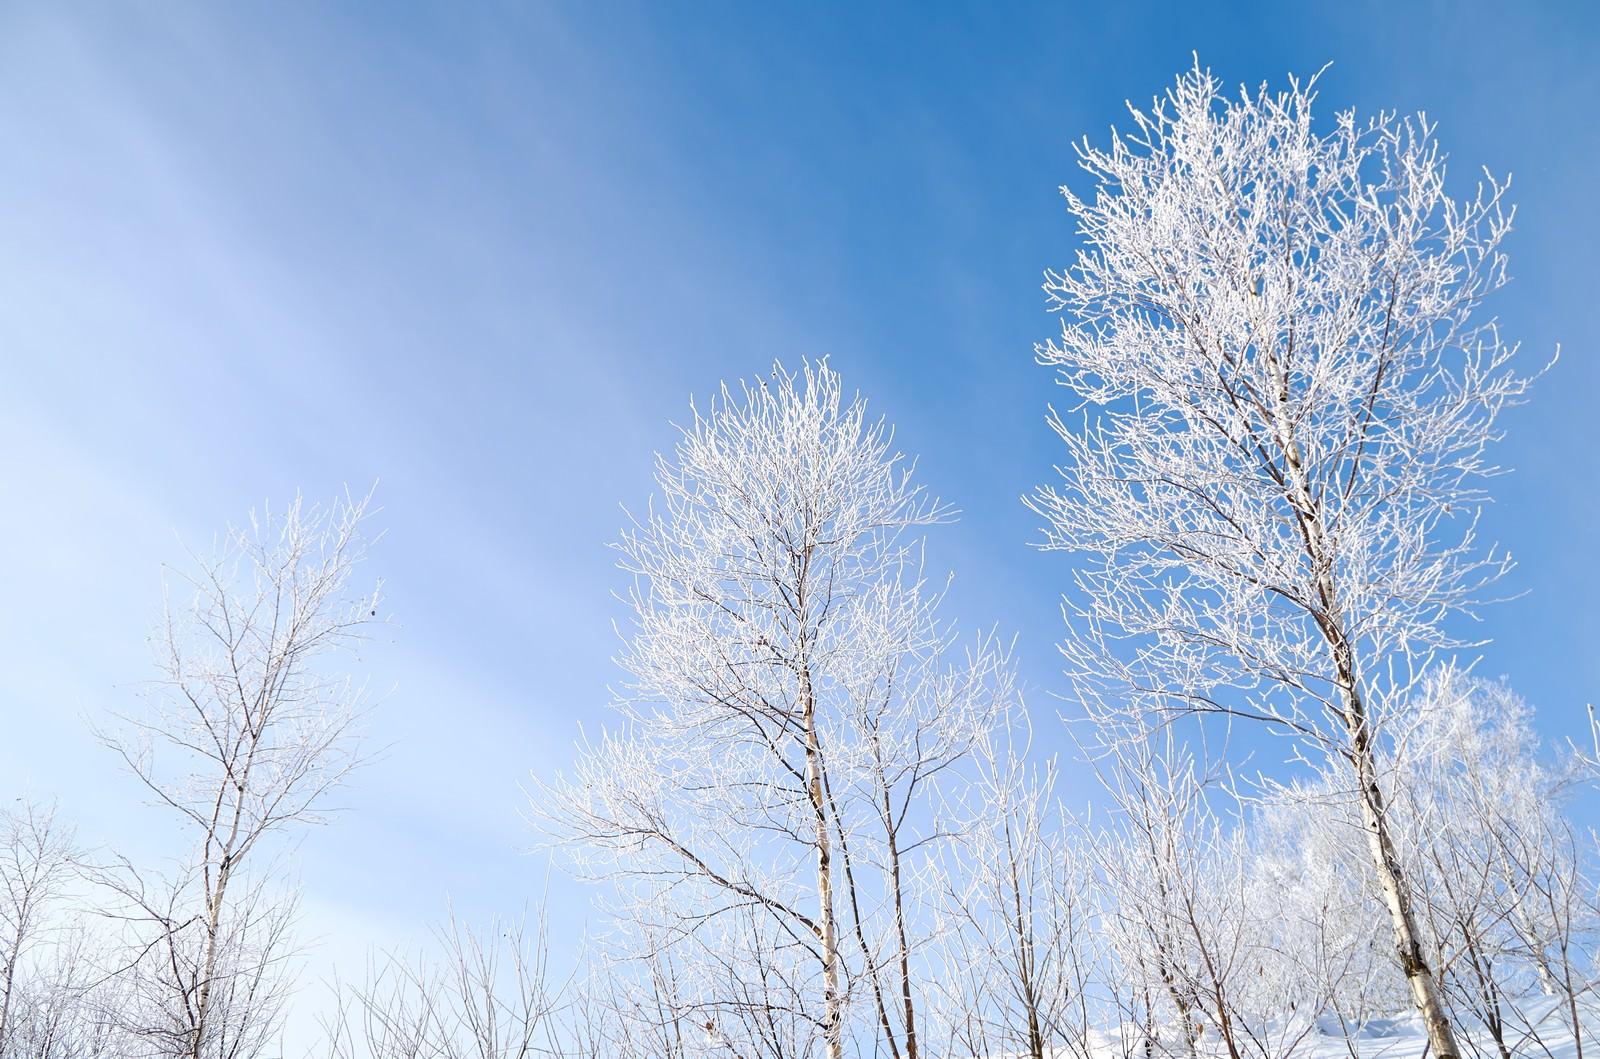 「青空と霧氷青空と霧氷」のフリー写真素材を拡大